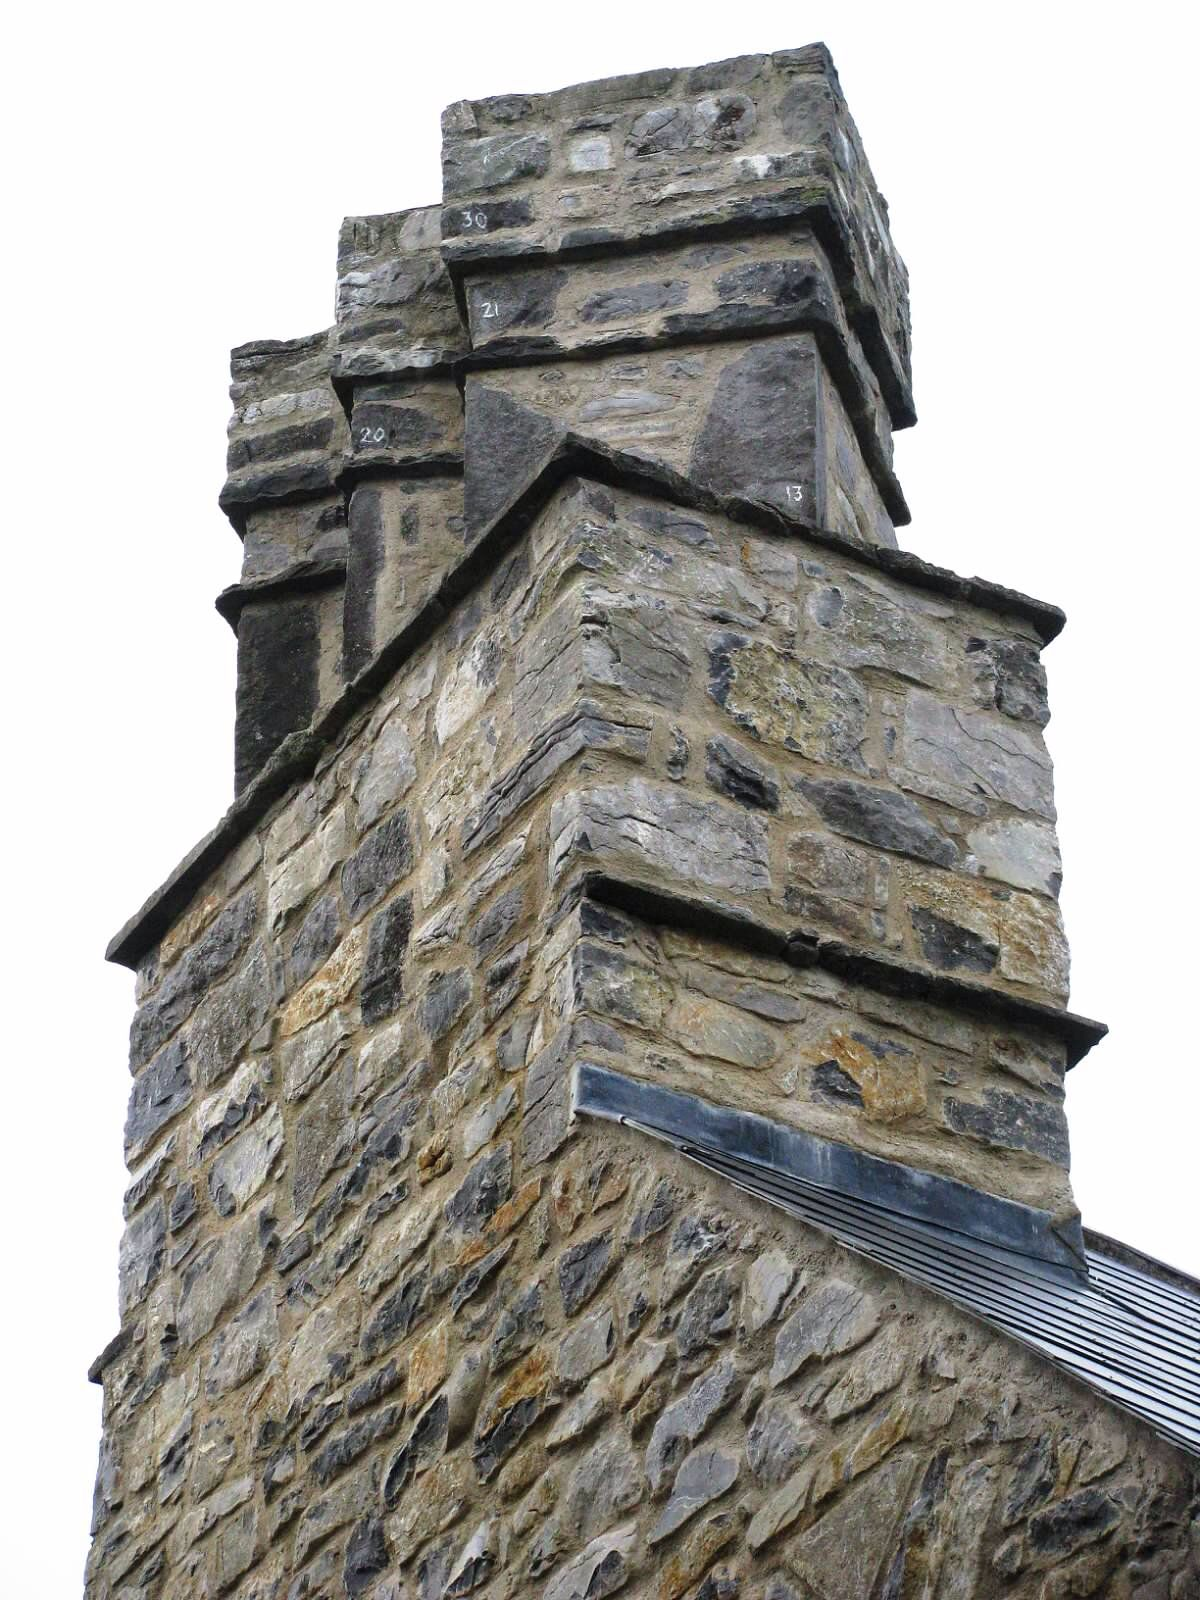 Chimney Love Ireland Stone Masonry Architecture Details Chimney Sweep